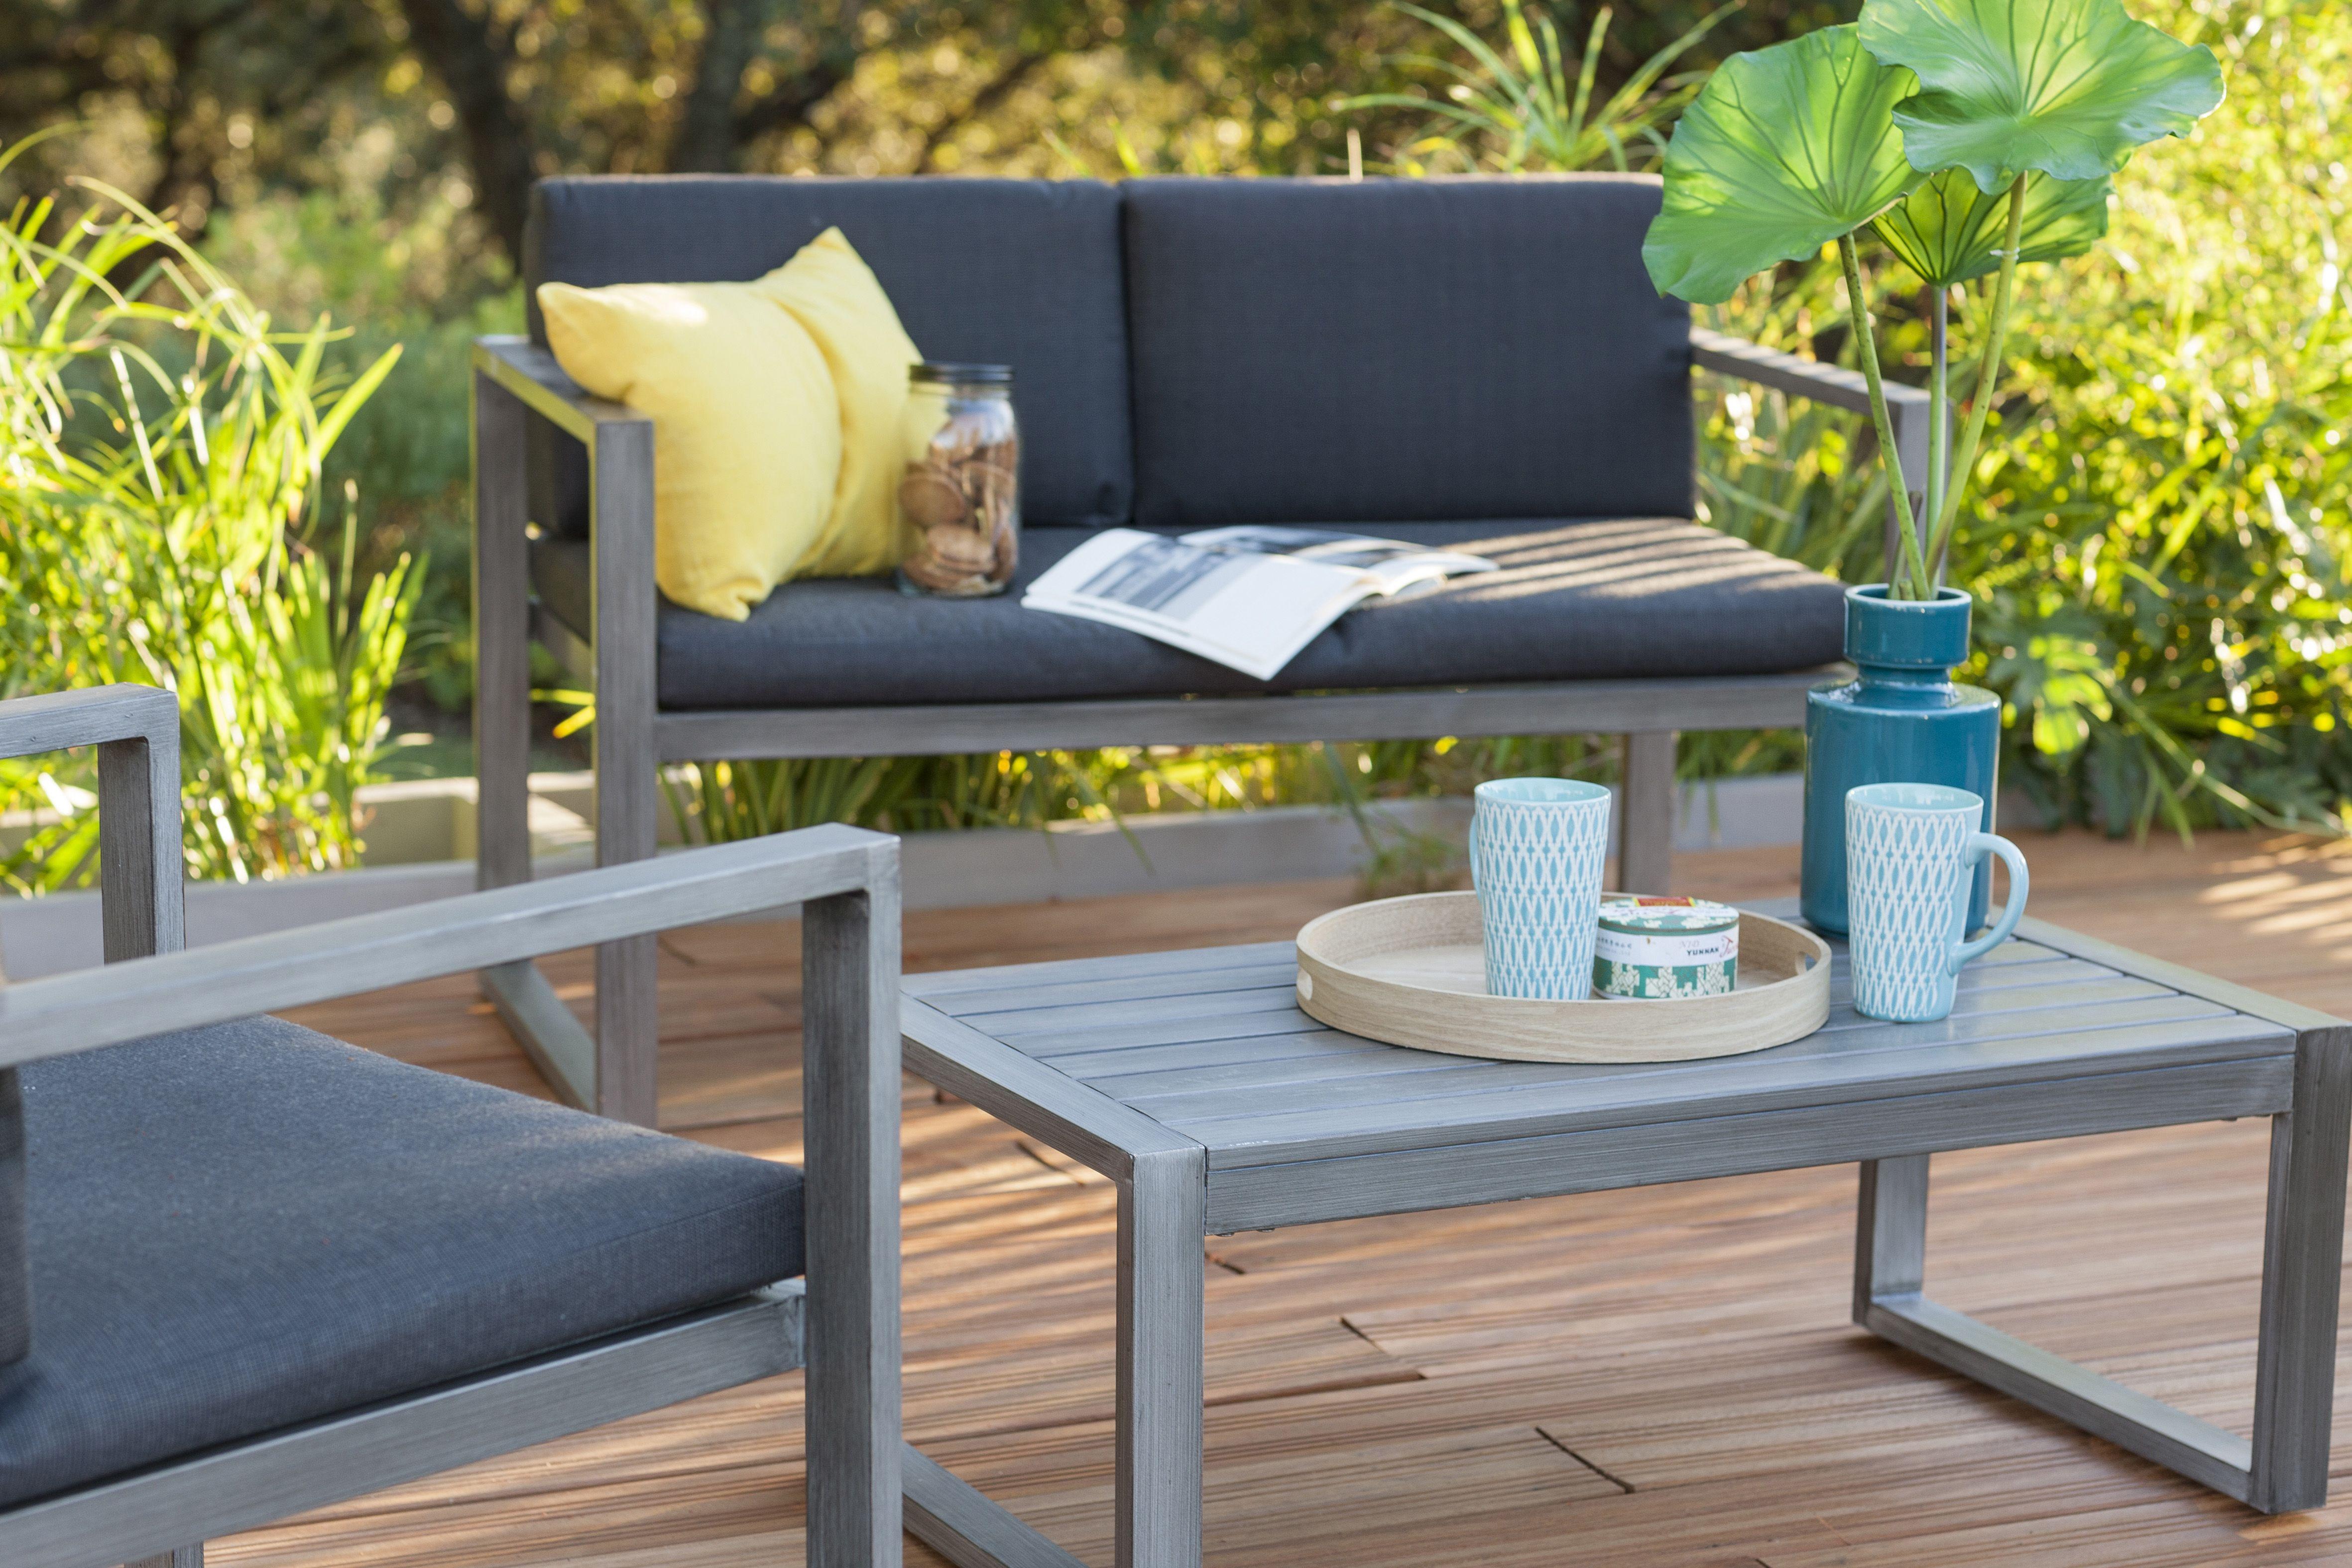 un salon de jardin en aluminium et resine marron pour se detendre en terrasse